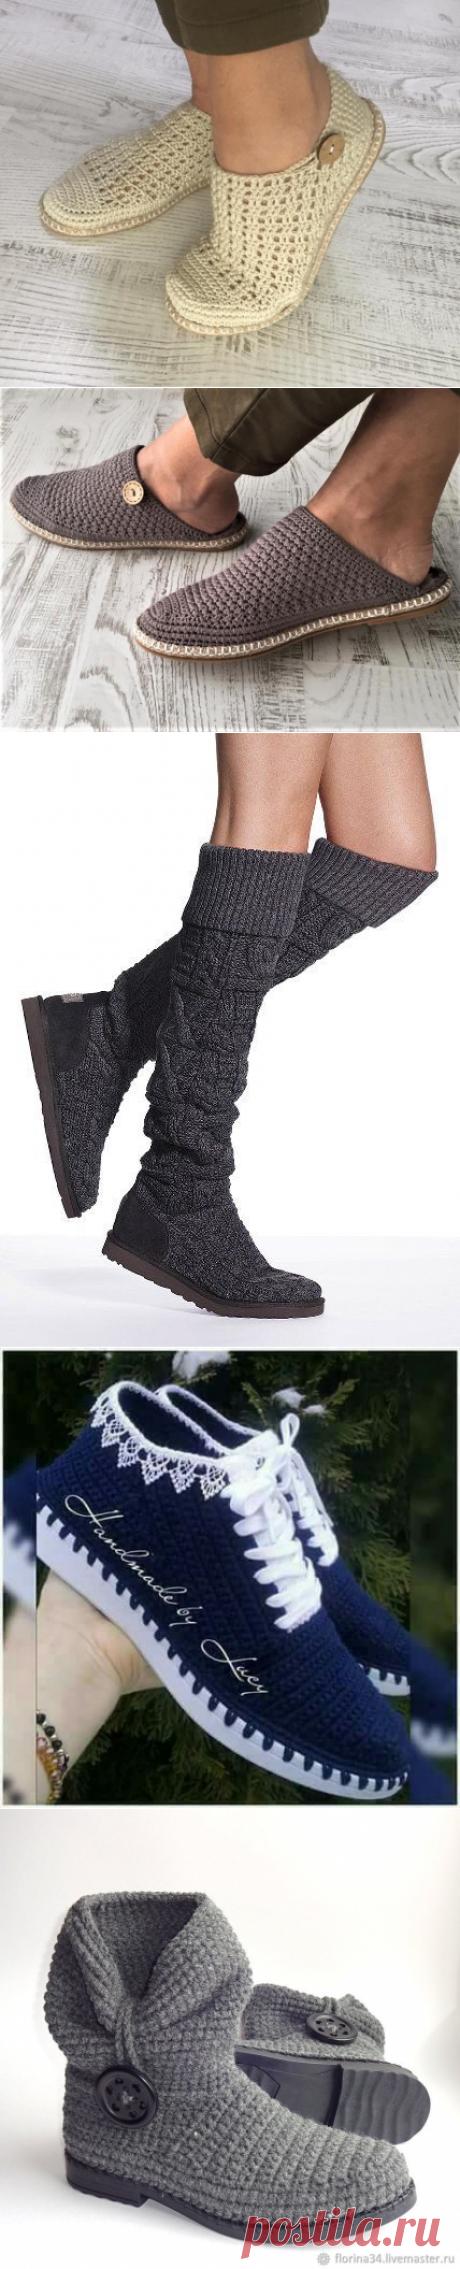 Обувь, связанная крючком: 12 идей   Рукоделие